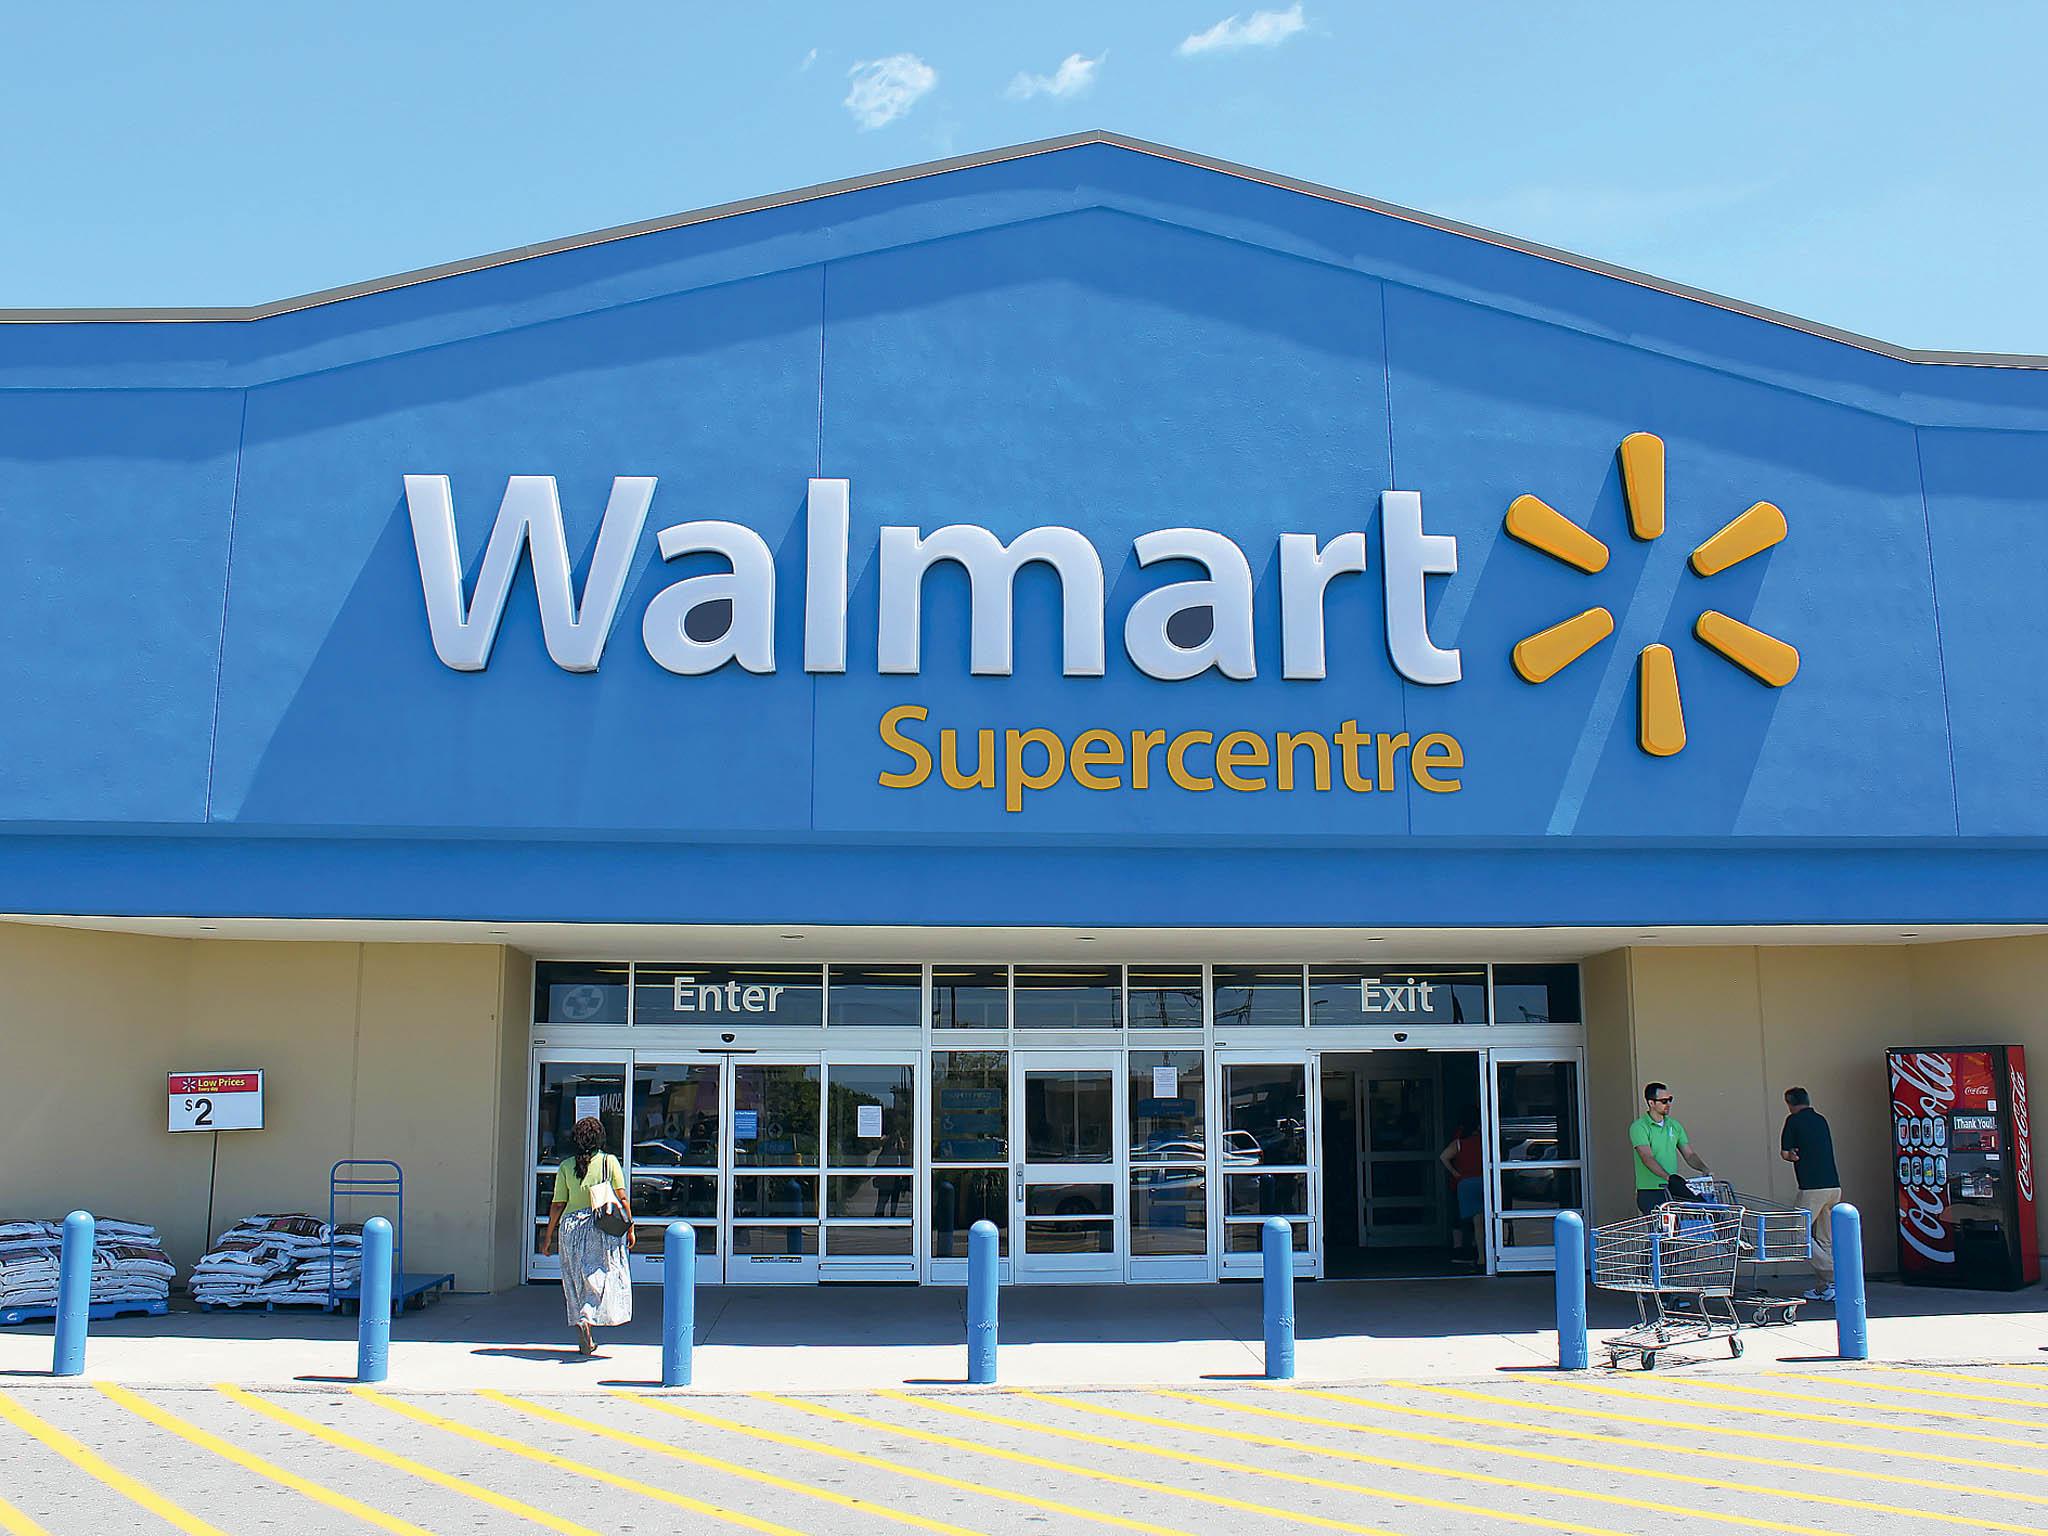 Walmartu se daří díky internetovému prodeji